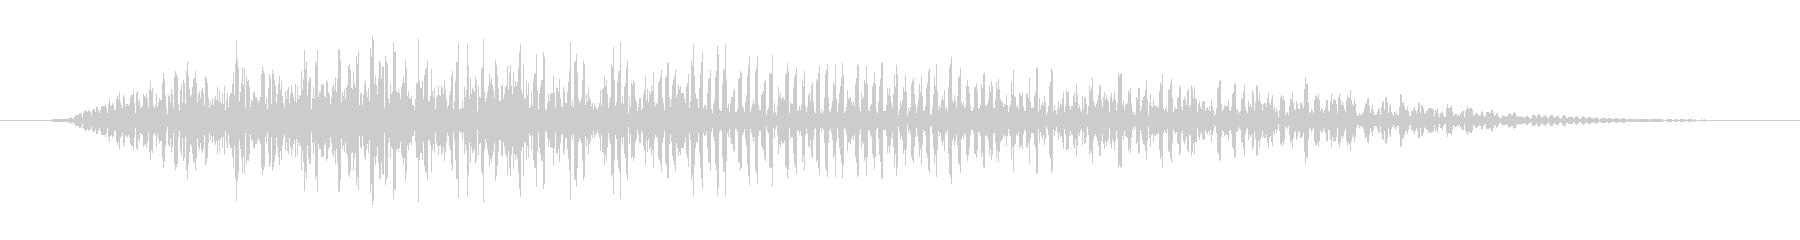 【ゾンビボイス】うなり声6の未再生の波形